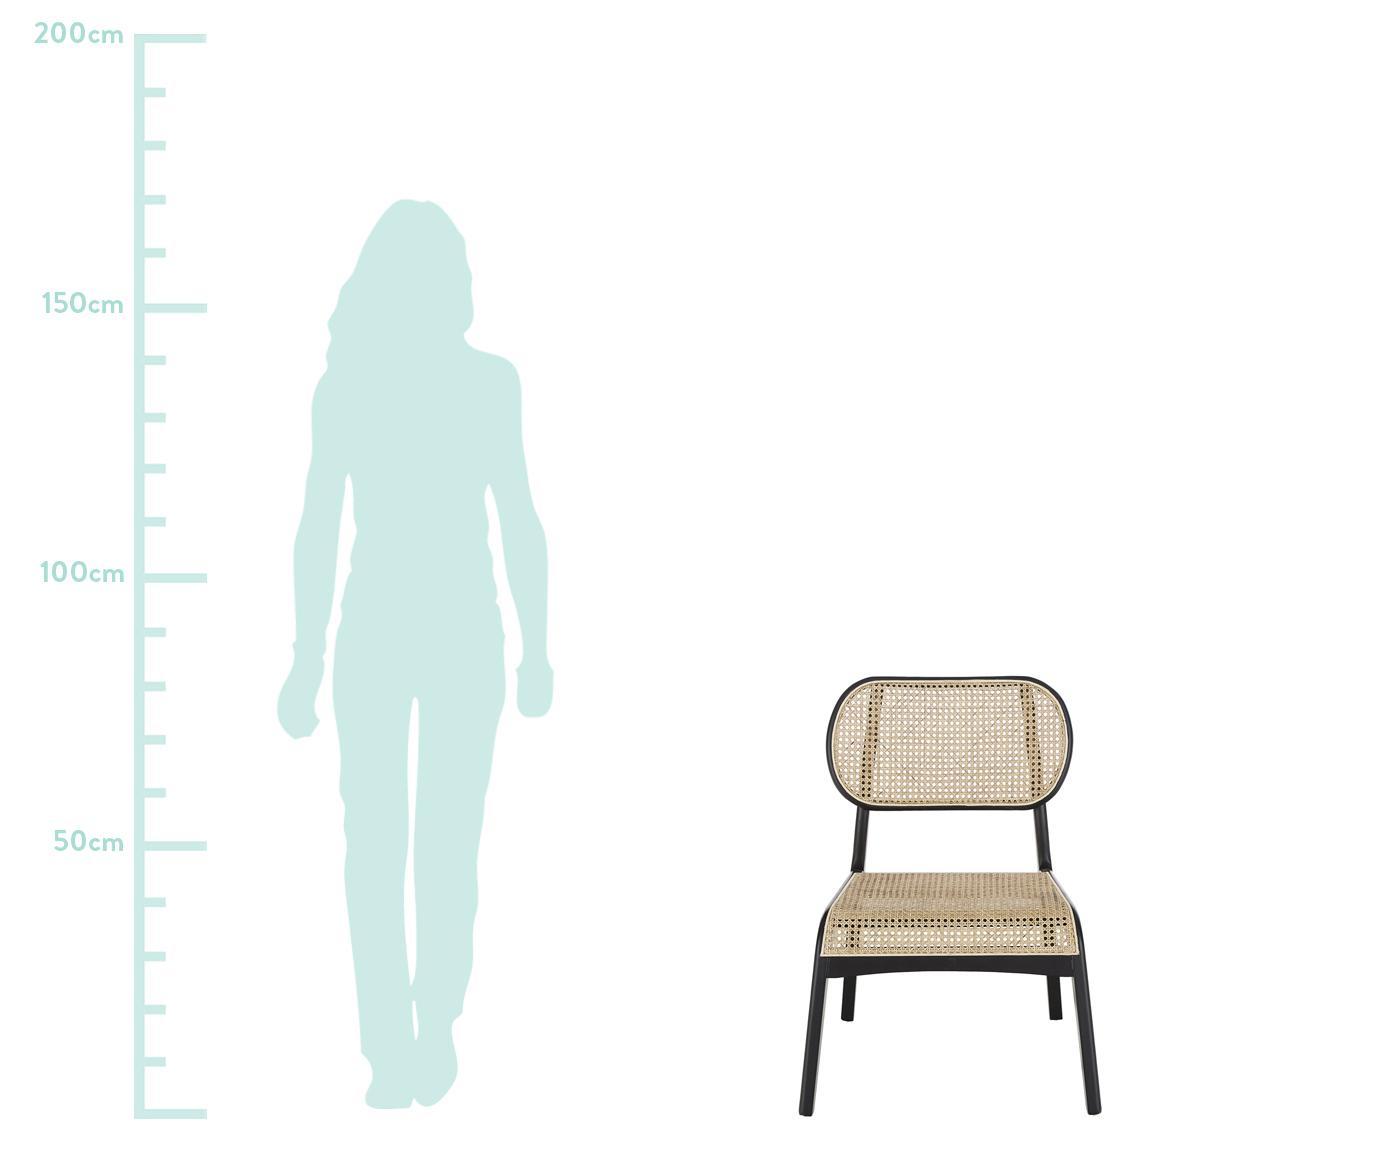 Fotel wypoczynkowy z plecionką wiedeńską Franz, Stelaż: lite drewno brzozowe, lak, Siedzisko: rattan Stelaż: drewno brzozowe, czarny lakierowany, S 61 x G 63 cm